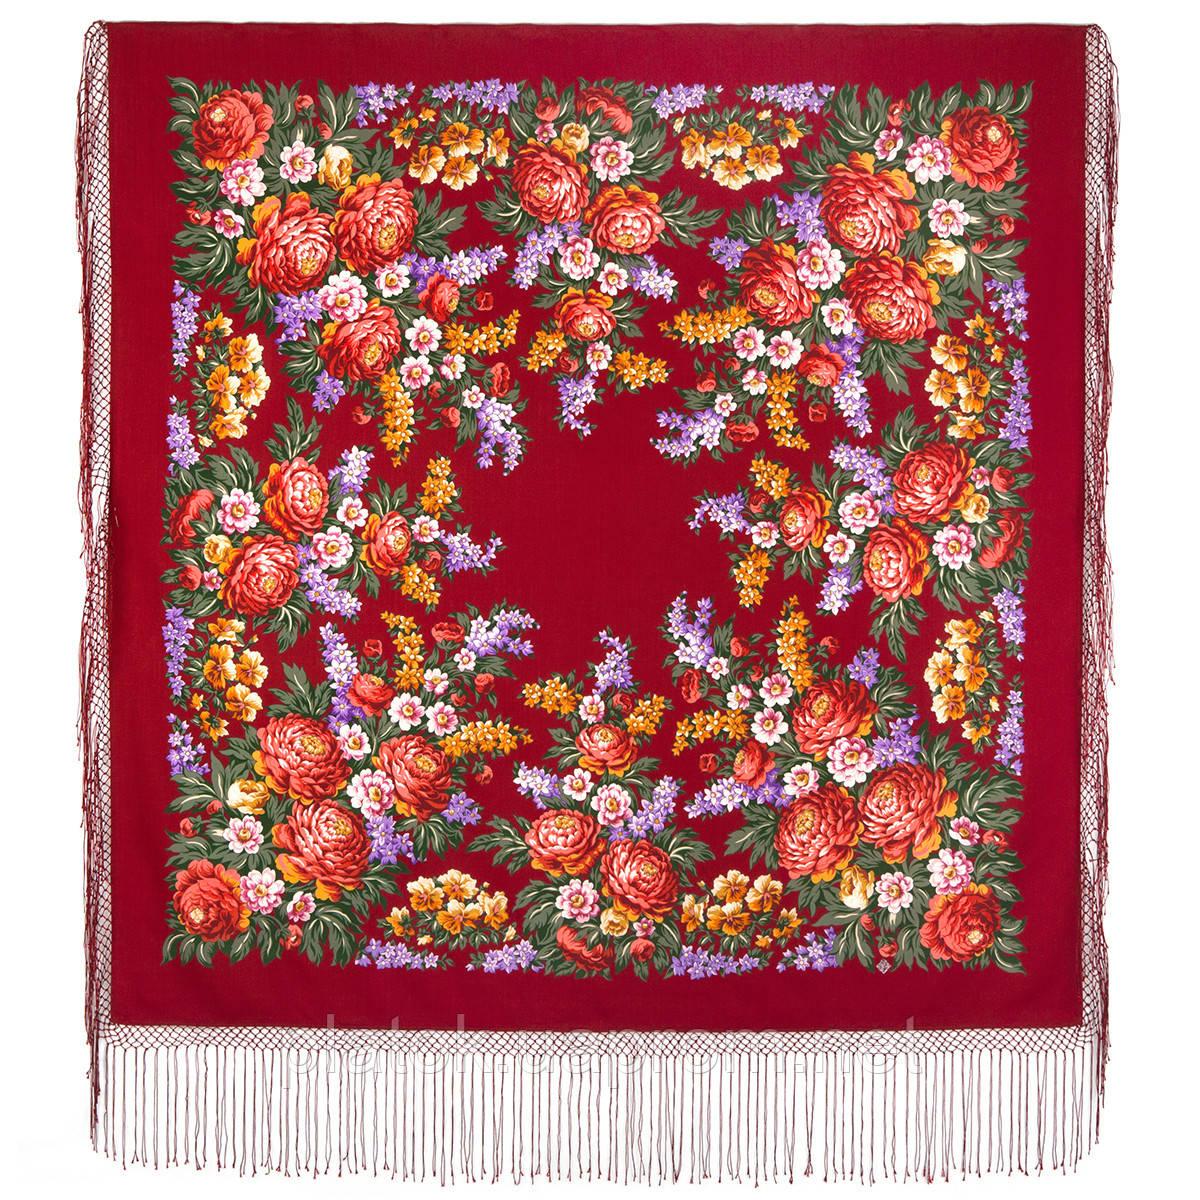 День Победы 235-6, павлопосадский платок (шаль) из уплотненной шерсти с шелковой вязанной бахромой